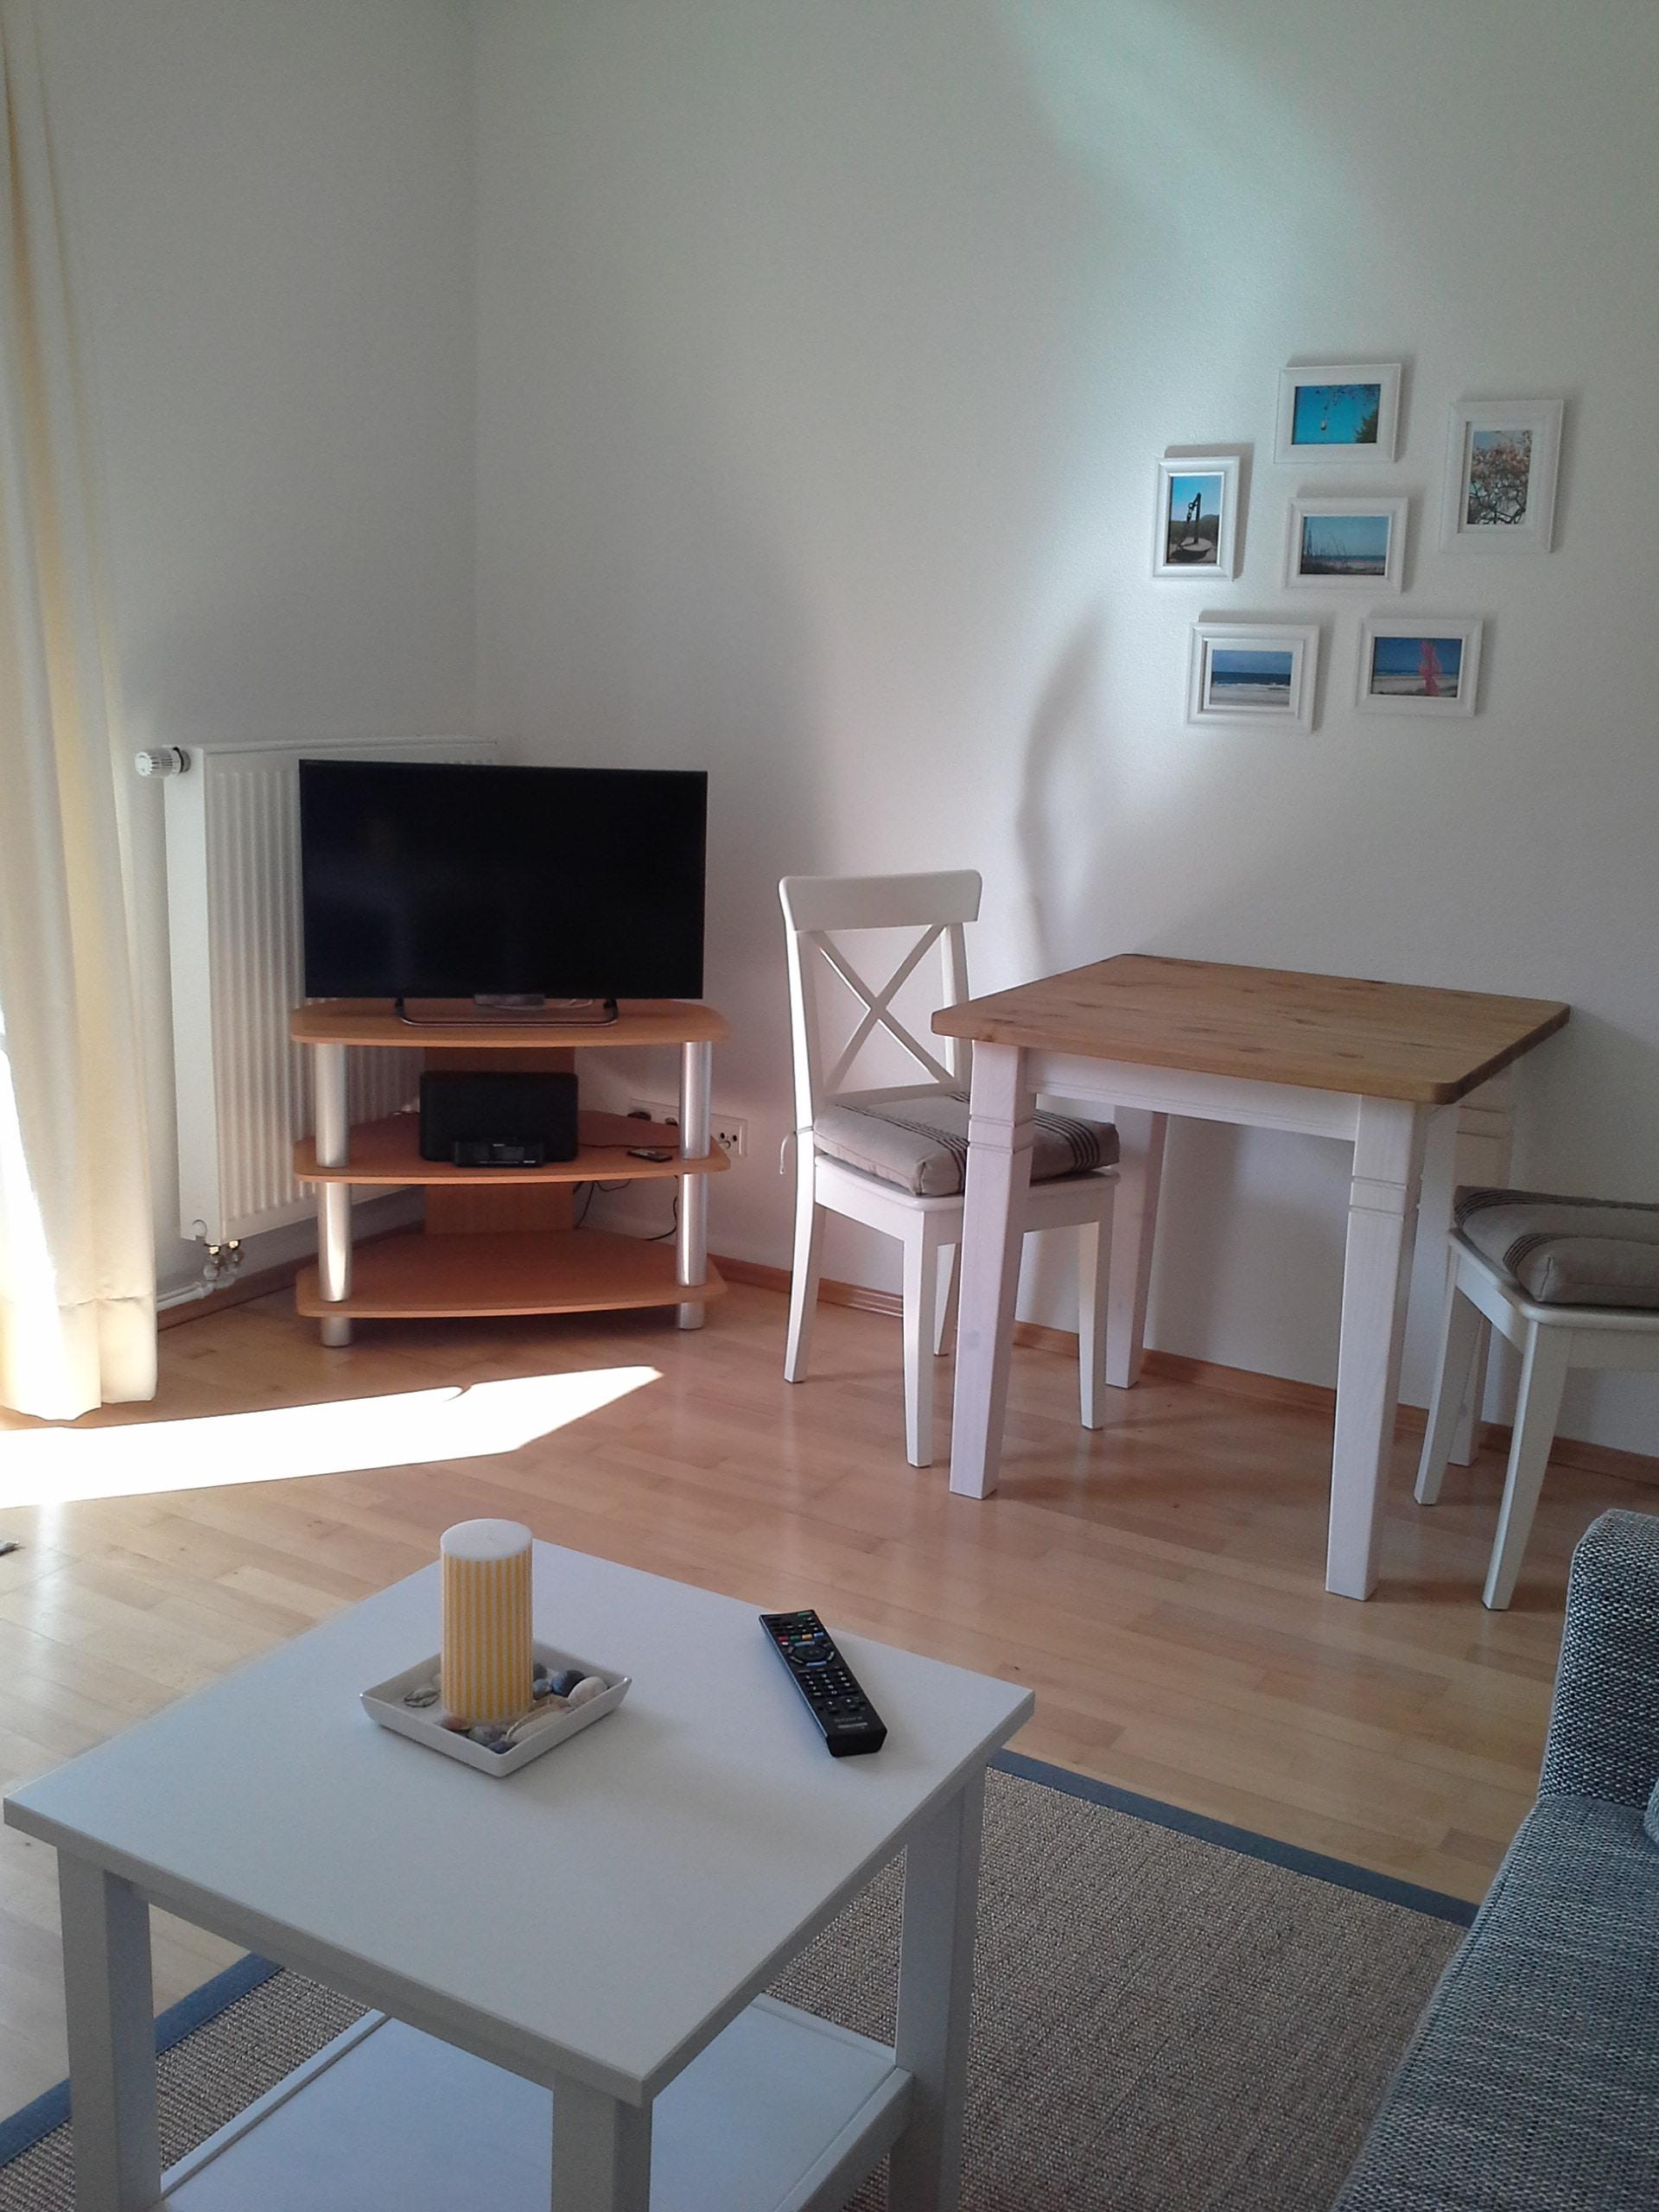 Lütje Stuv bis 2 Personen - kleine Ferienwohnung auf Juist